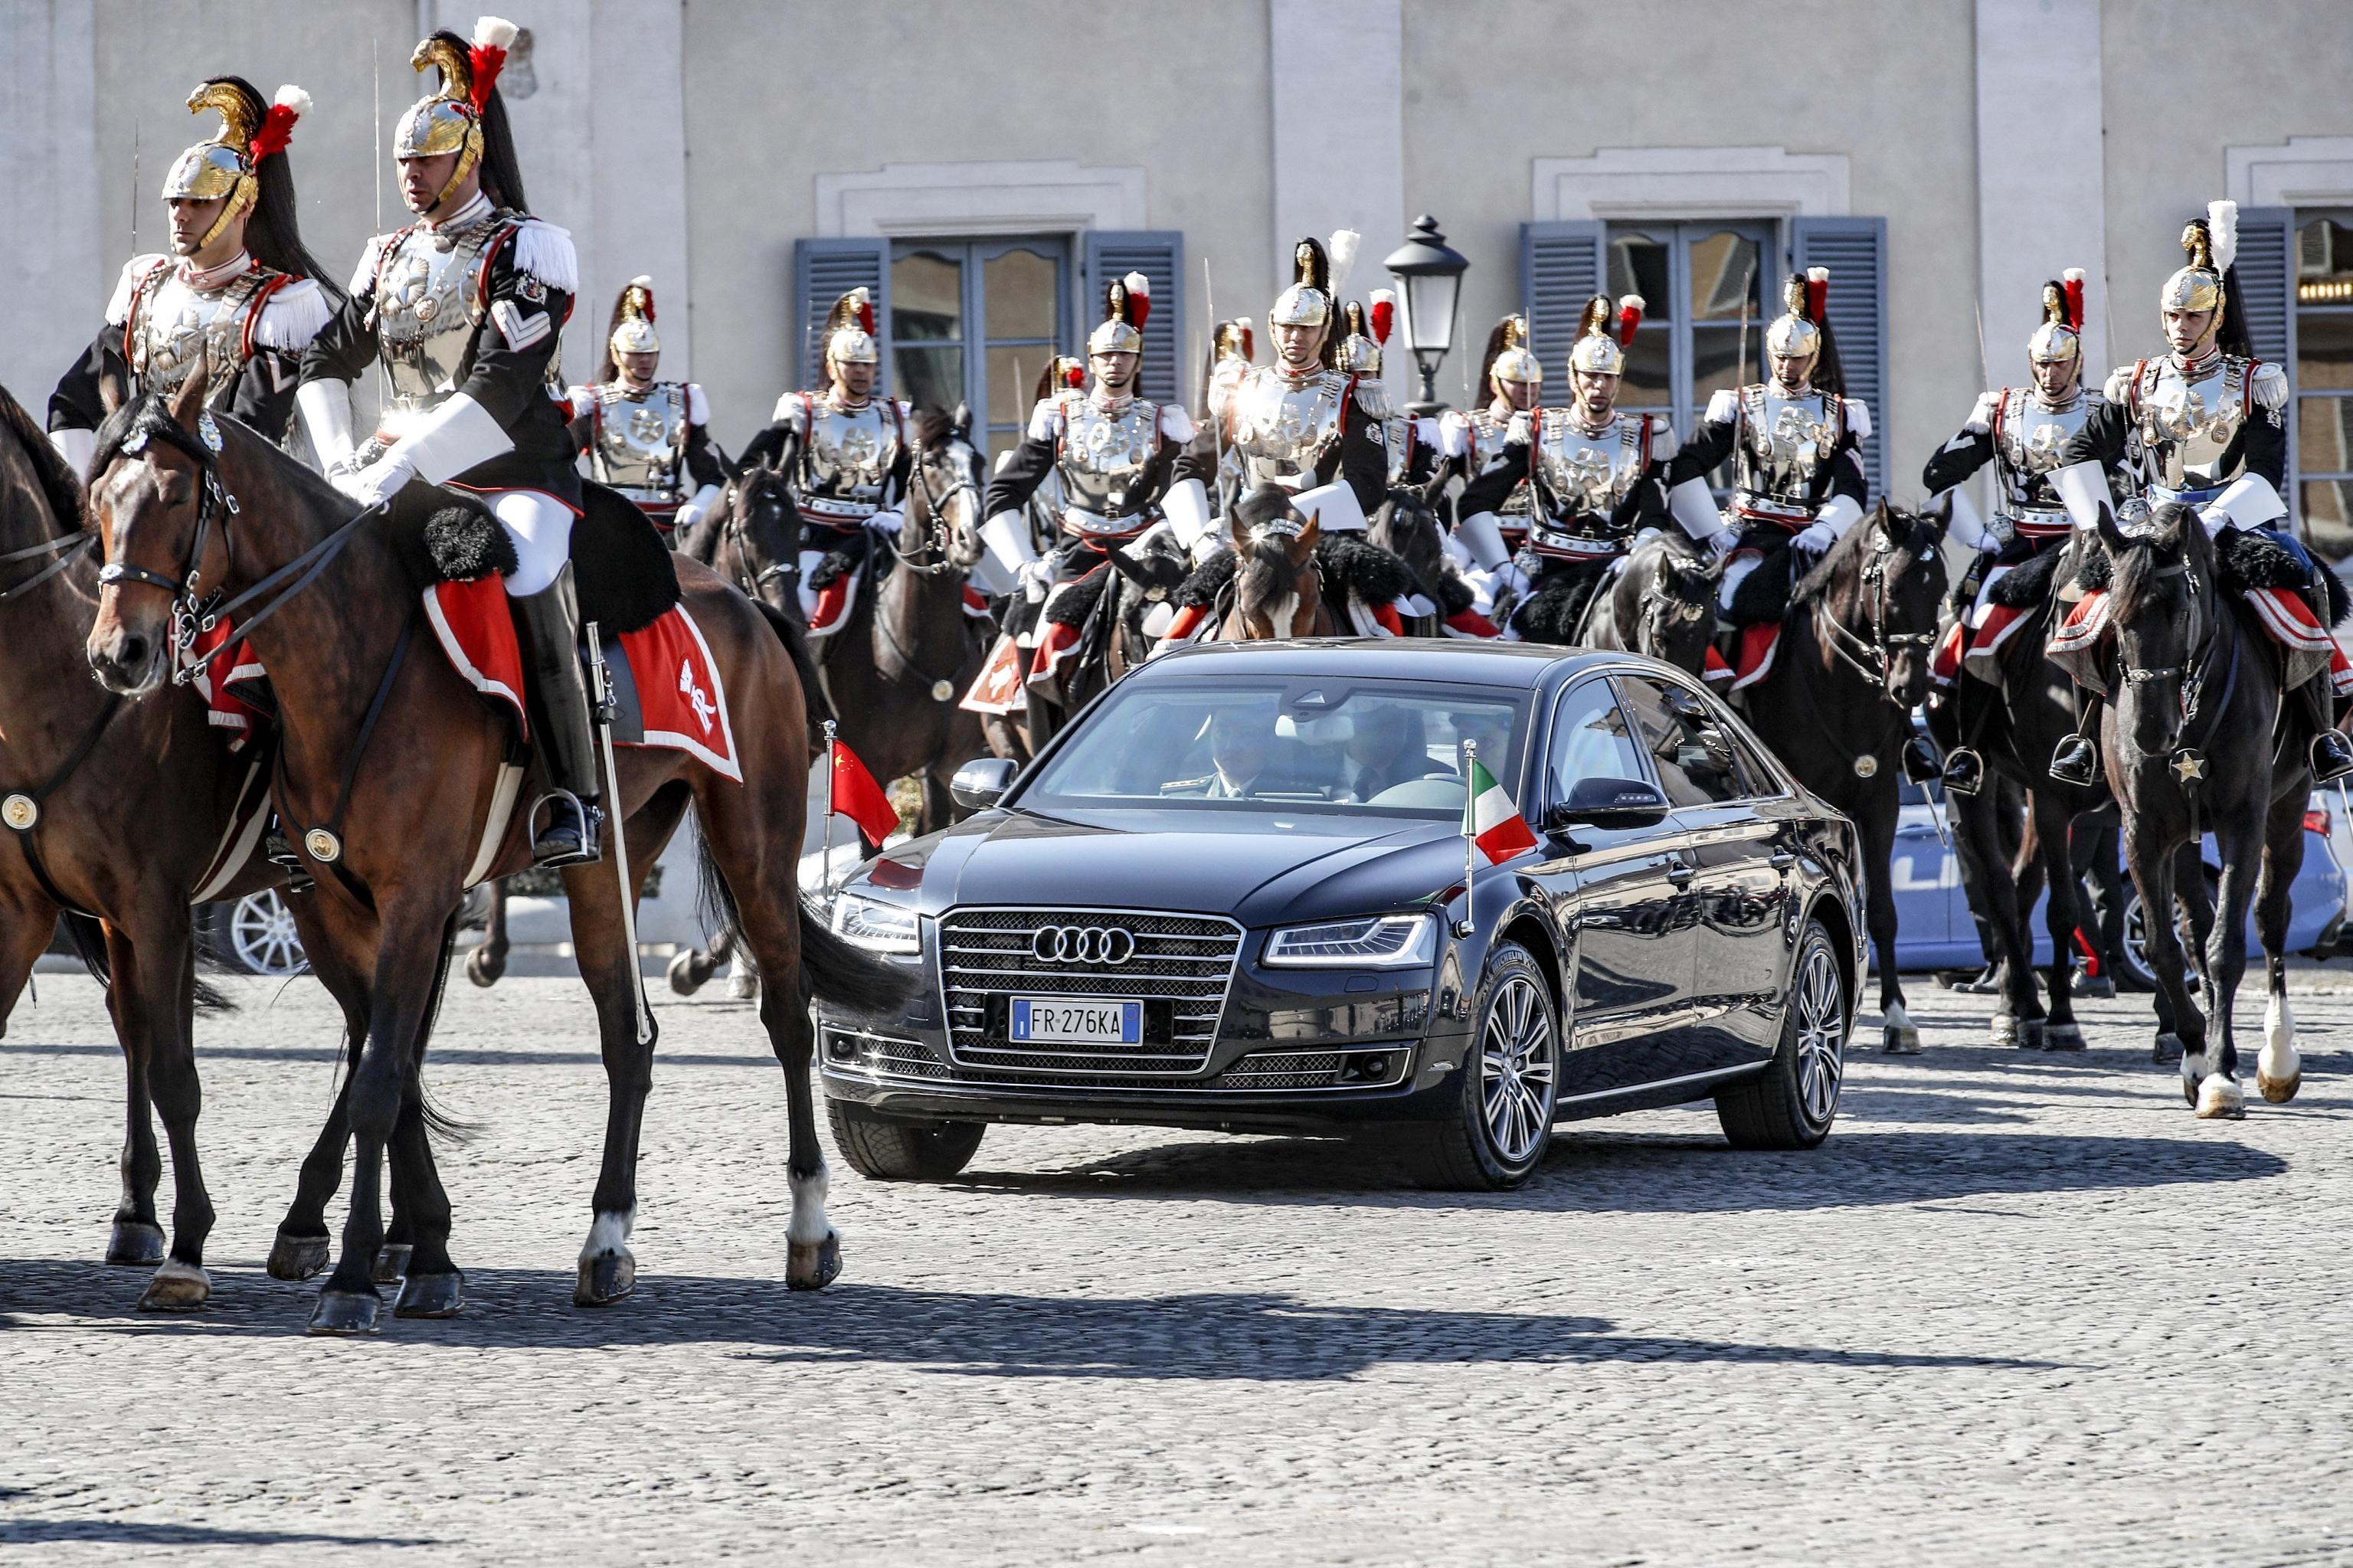 Corazzieri a cavallo scortano l'auto del Presidente della Repubblica Ppolare Cinese Xi Jinping verso il Quirinale